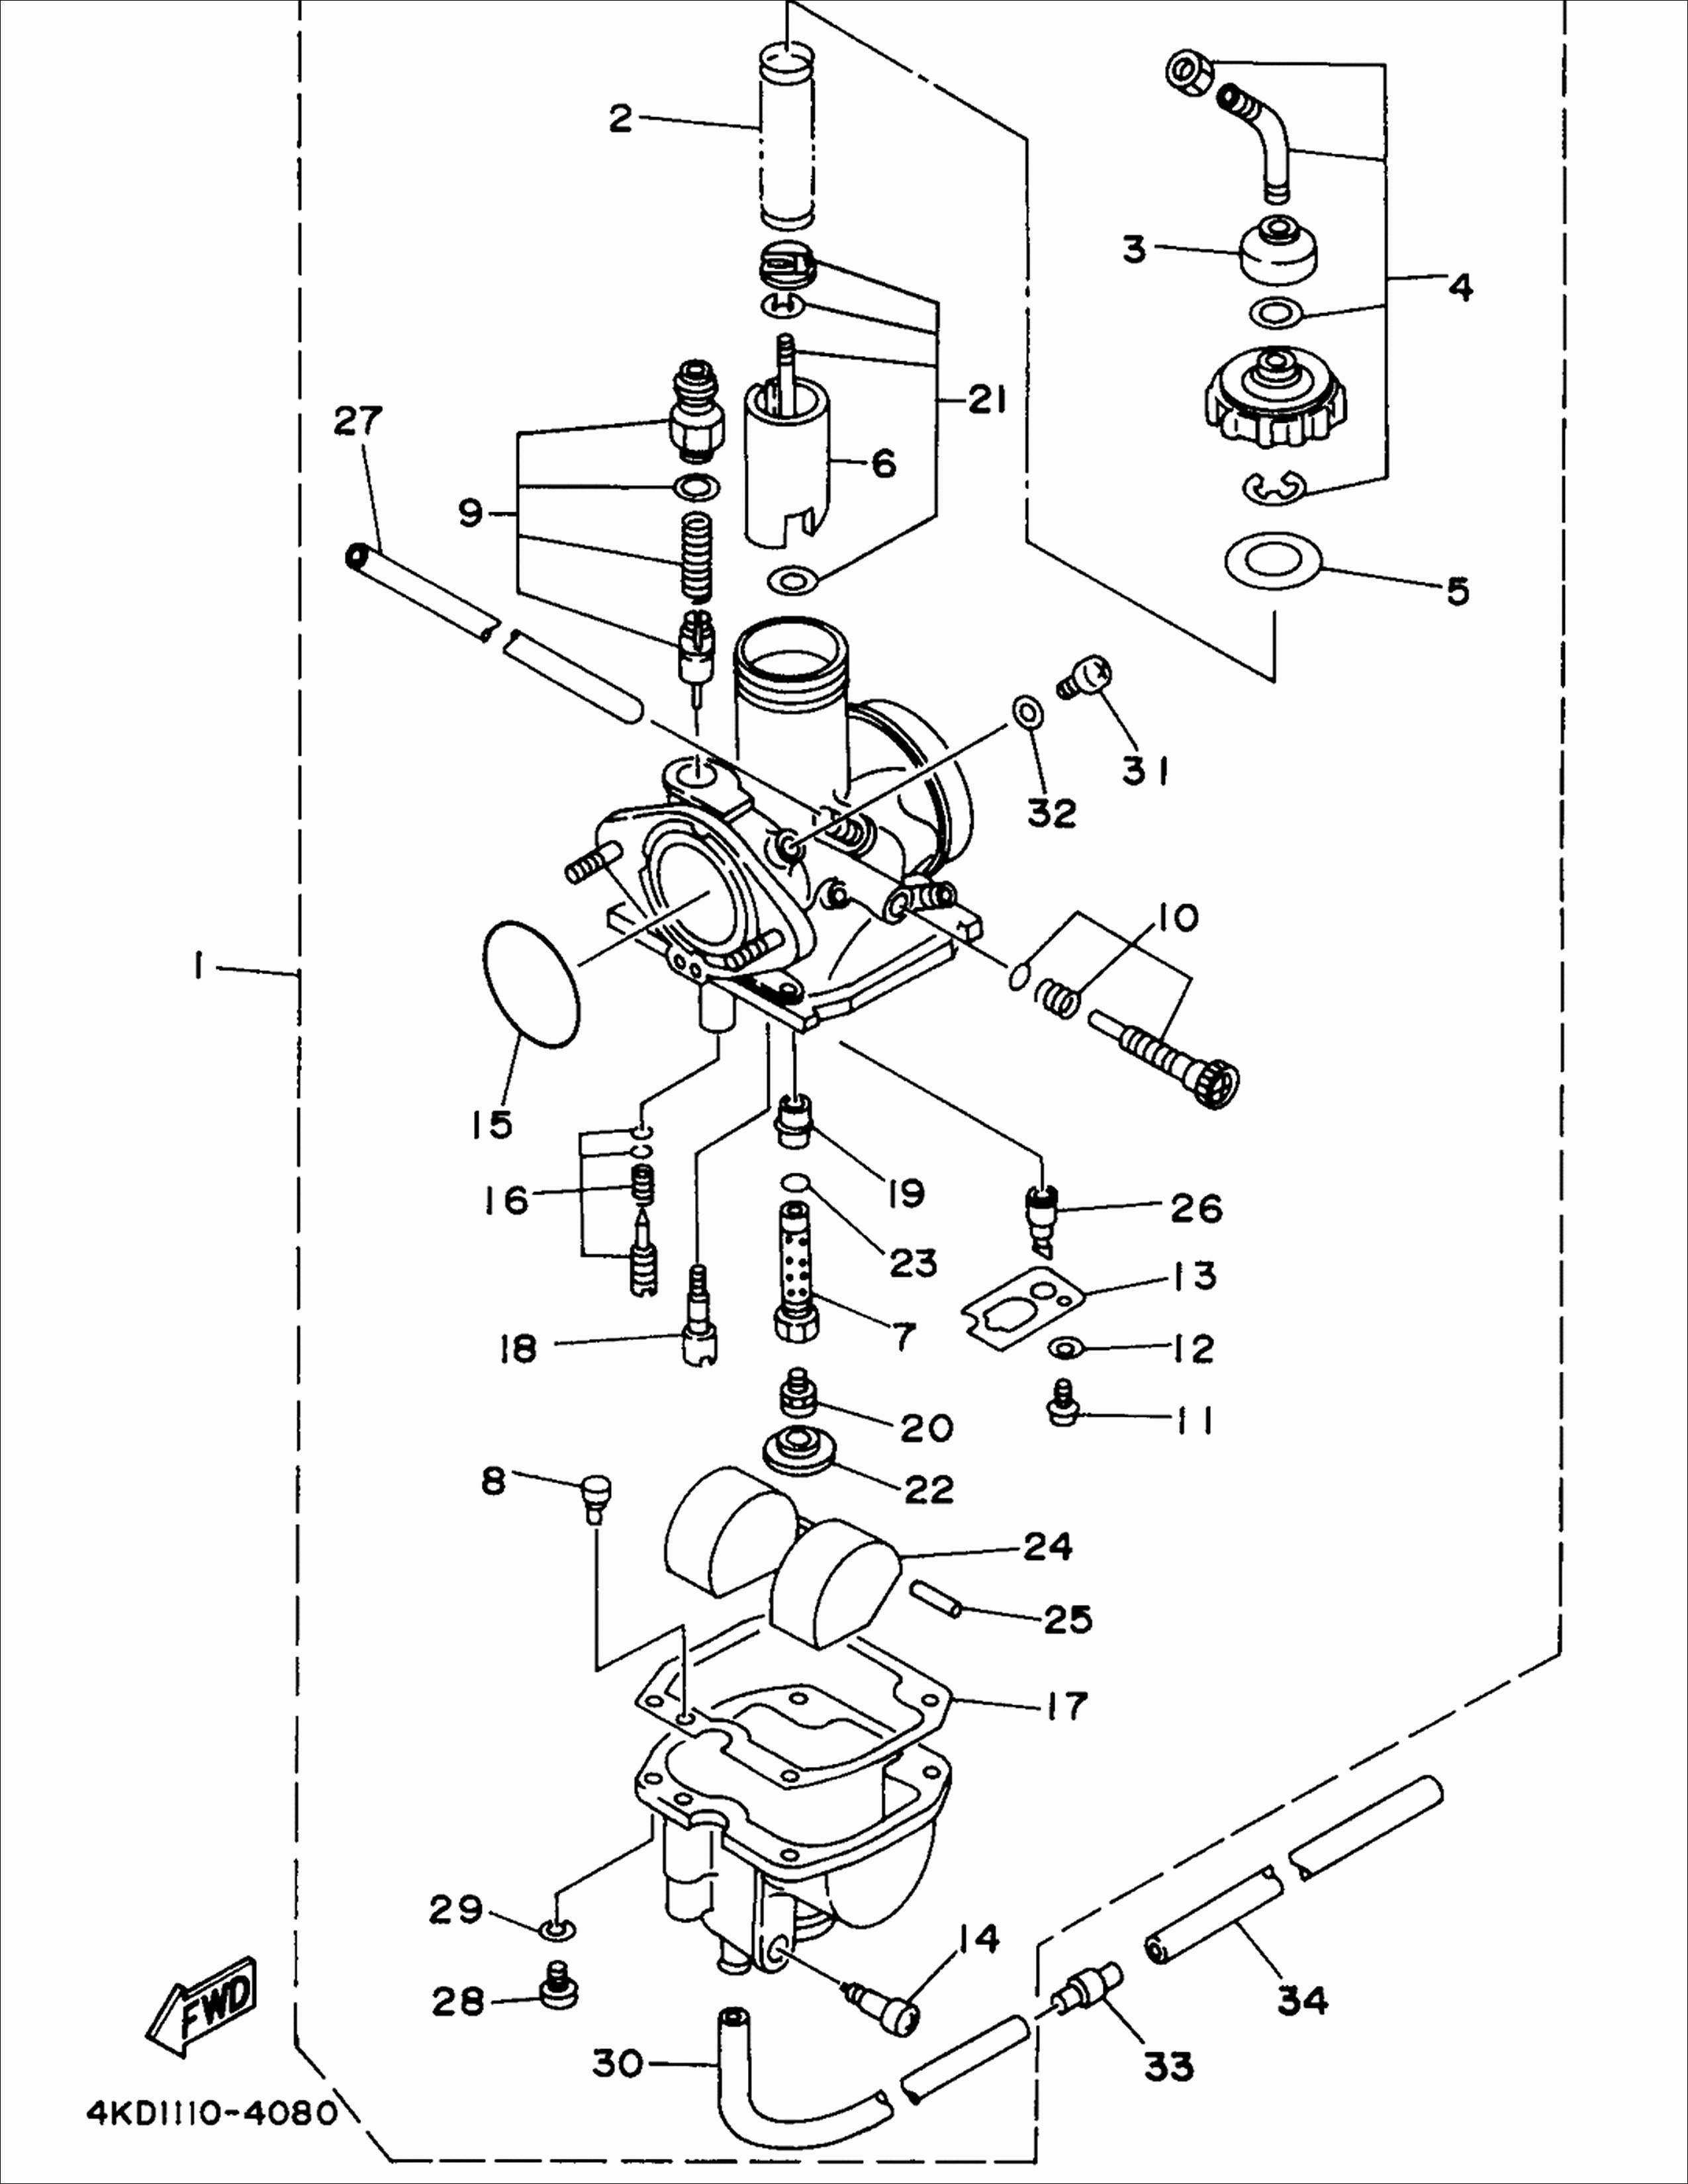 2002 Pontiac Grand Am Engine Diagram Wiring Diagram for 1995 Pontiac Bonneville Wiring Schematics Diagram Of 2002 Pontiac Grand Am Engine Diagram